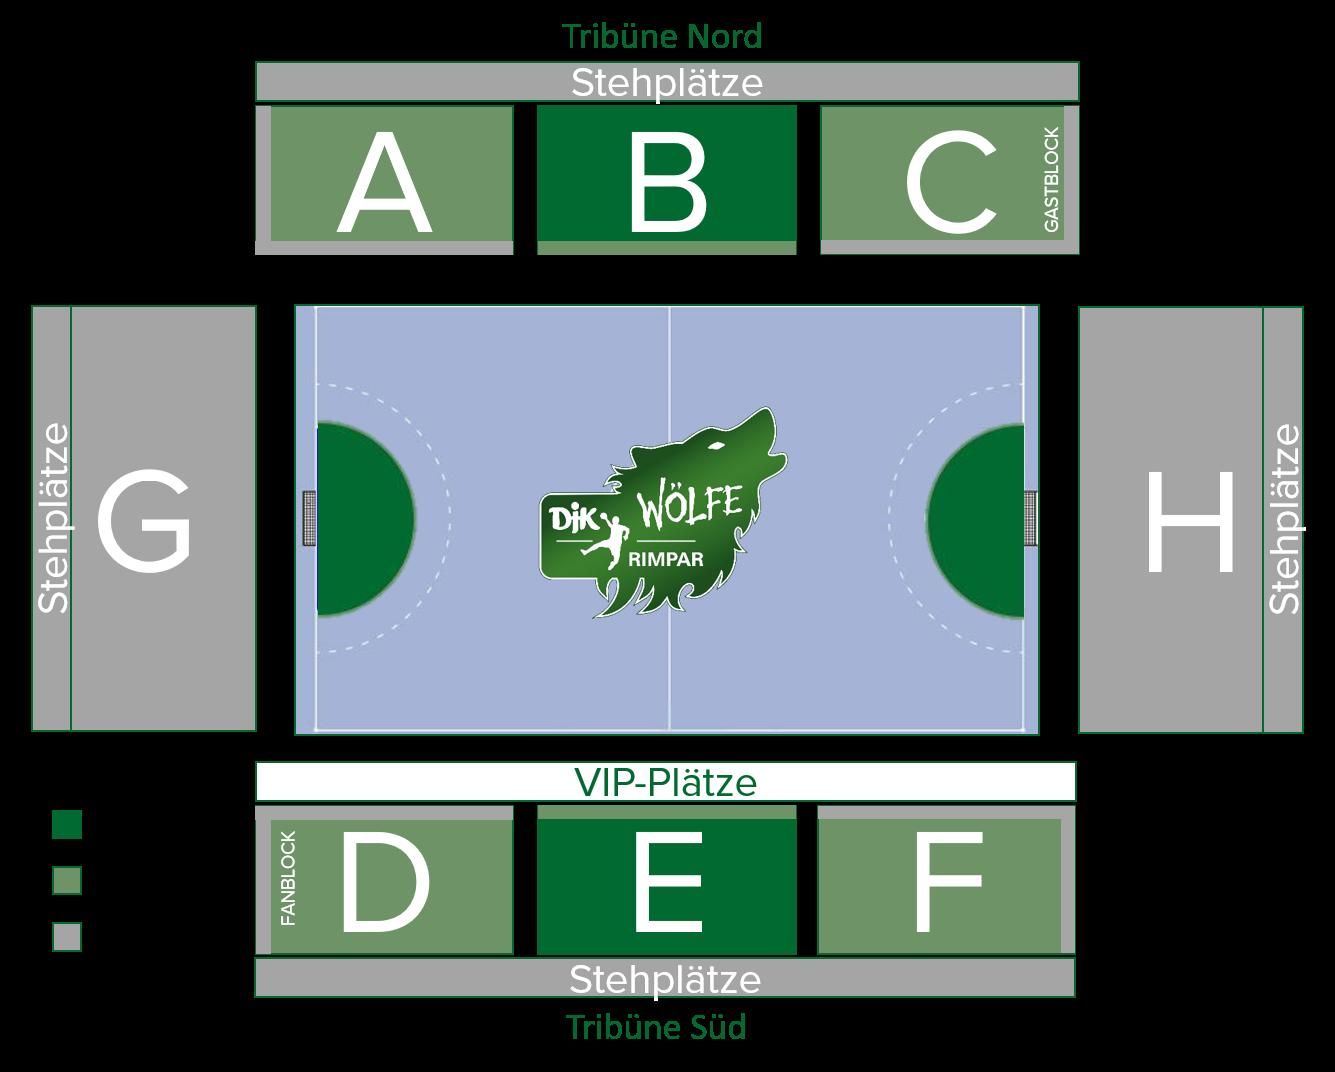 Hallenplan V2